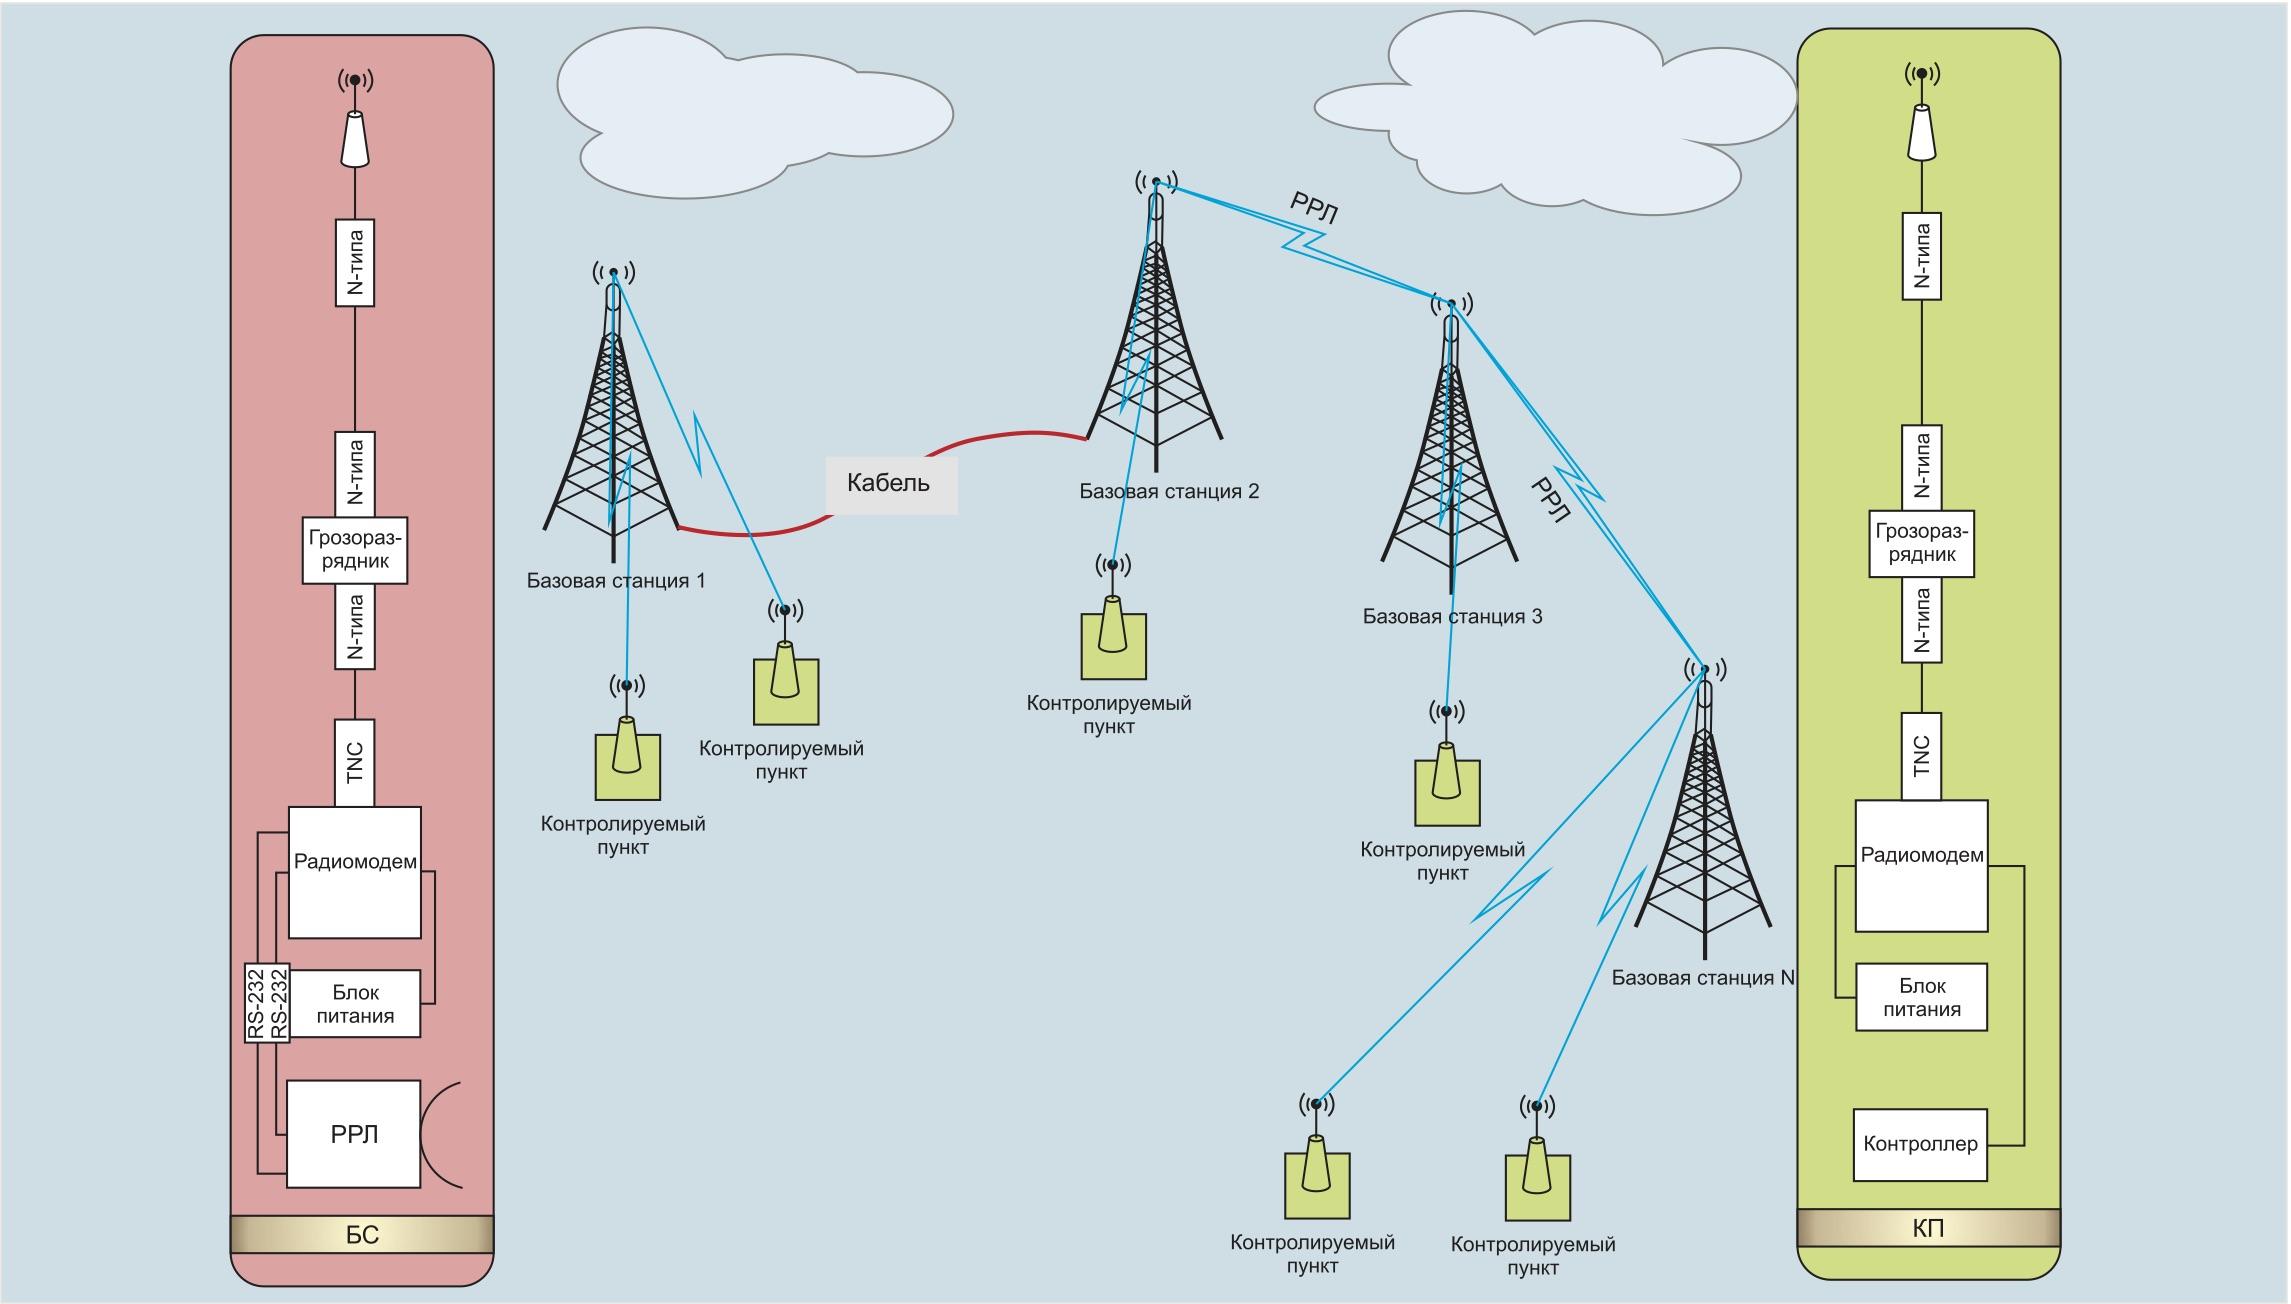 Типовая схема технологической радиосети обмена данными в системе управления